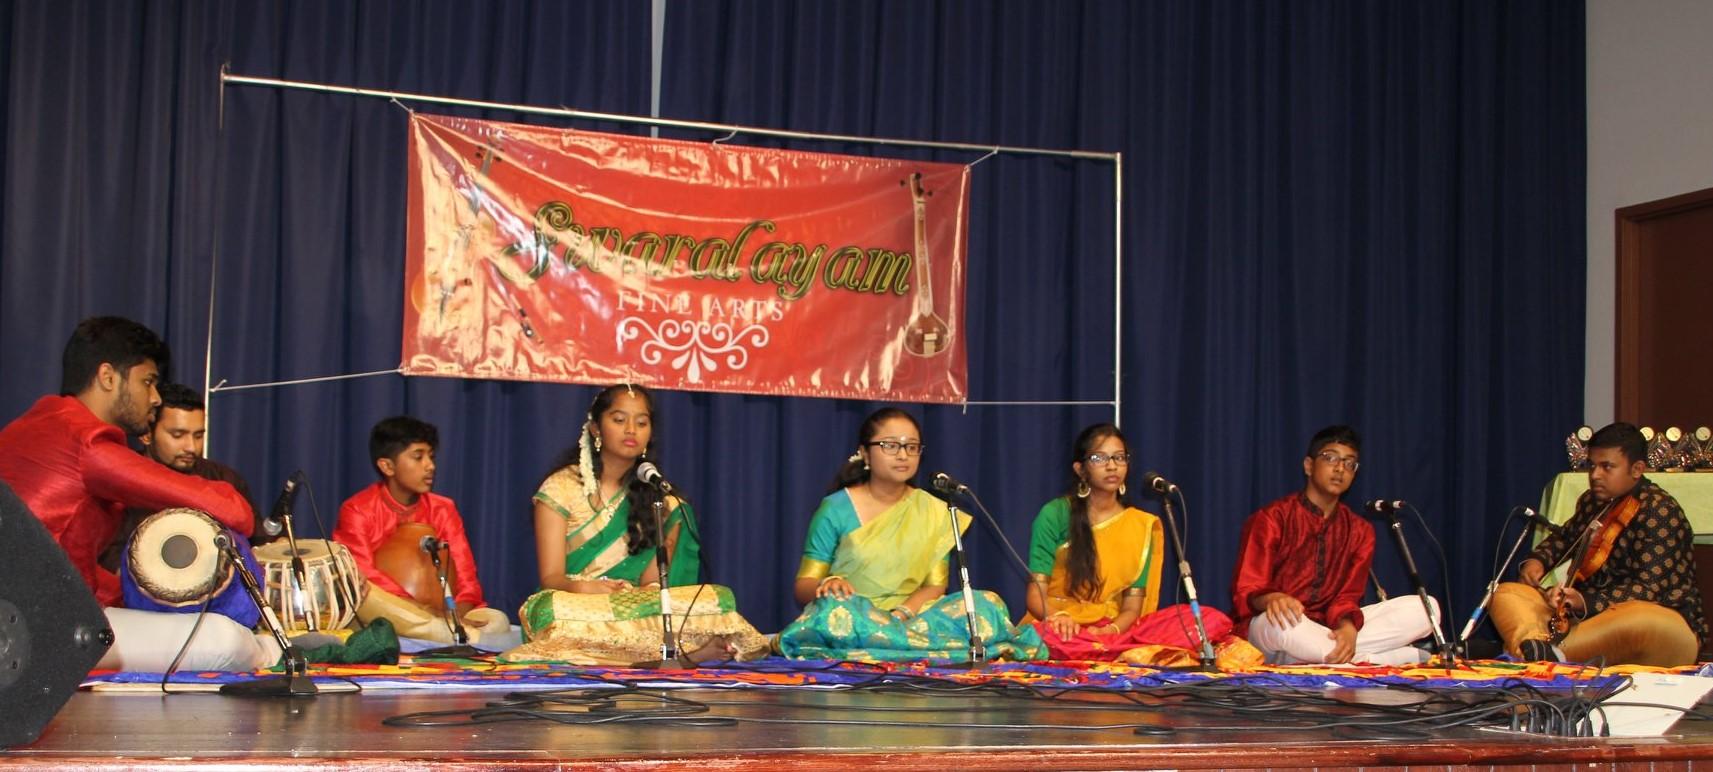 கனடாவில் ஸ்வராலயம் நுண்கலைக் கல்லூரியின் 3வது ஆண்டு விழா சிறப்பாக நடைபெற்றது.